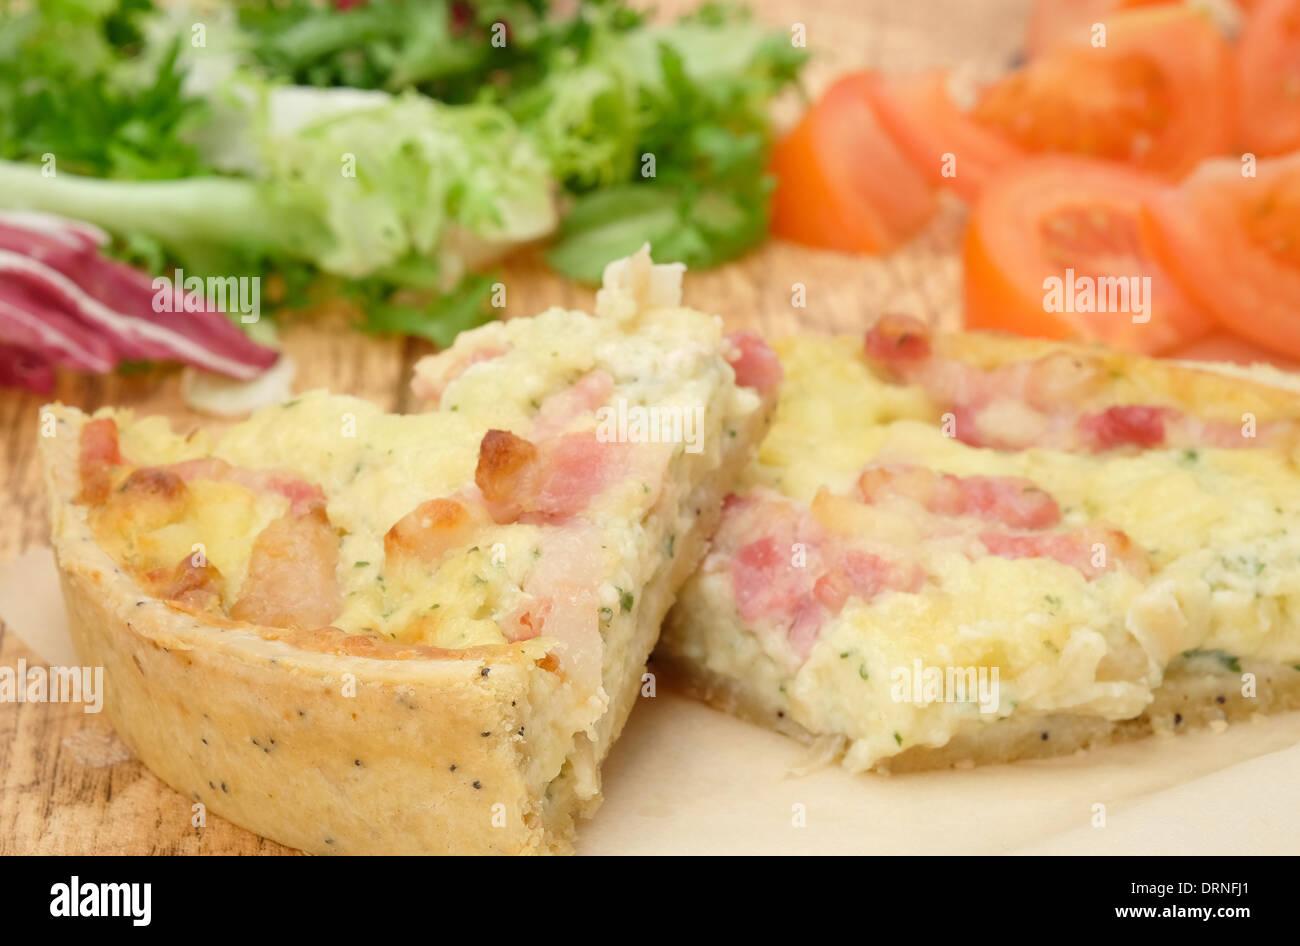 Käse und Speck Quiche Lorraine - Studio gedreht Stockbild